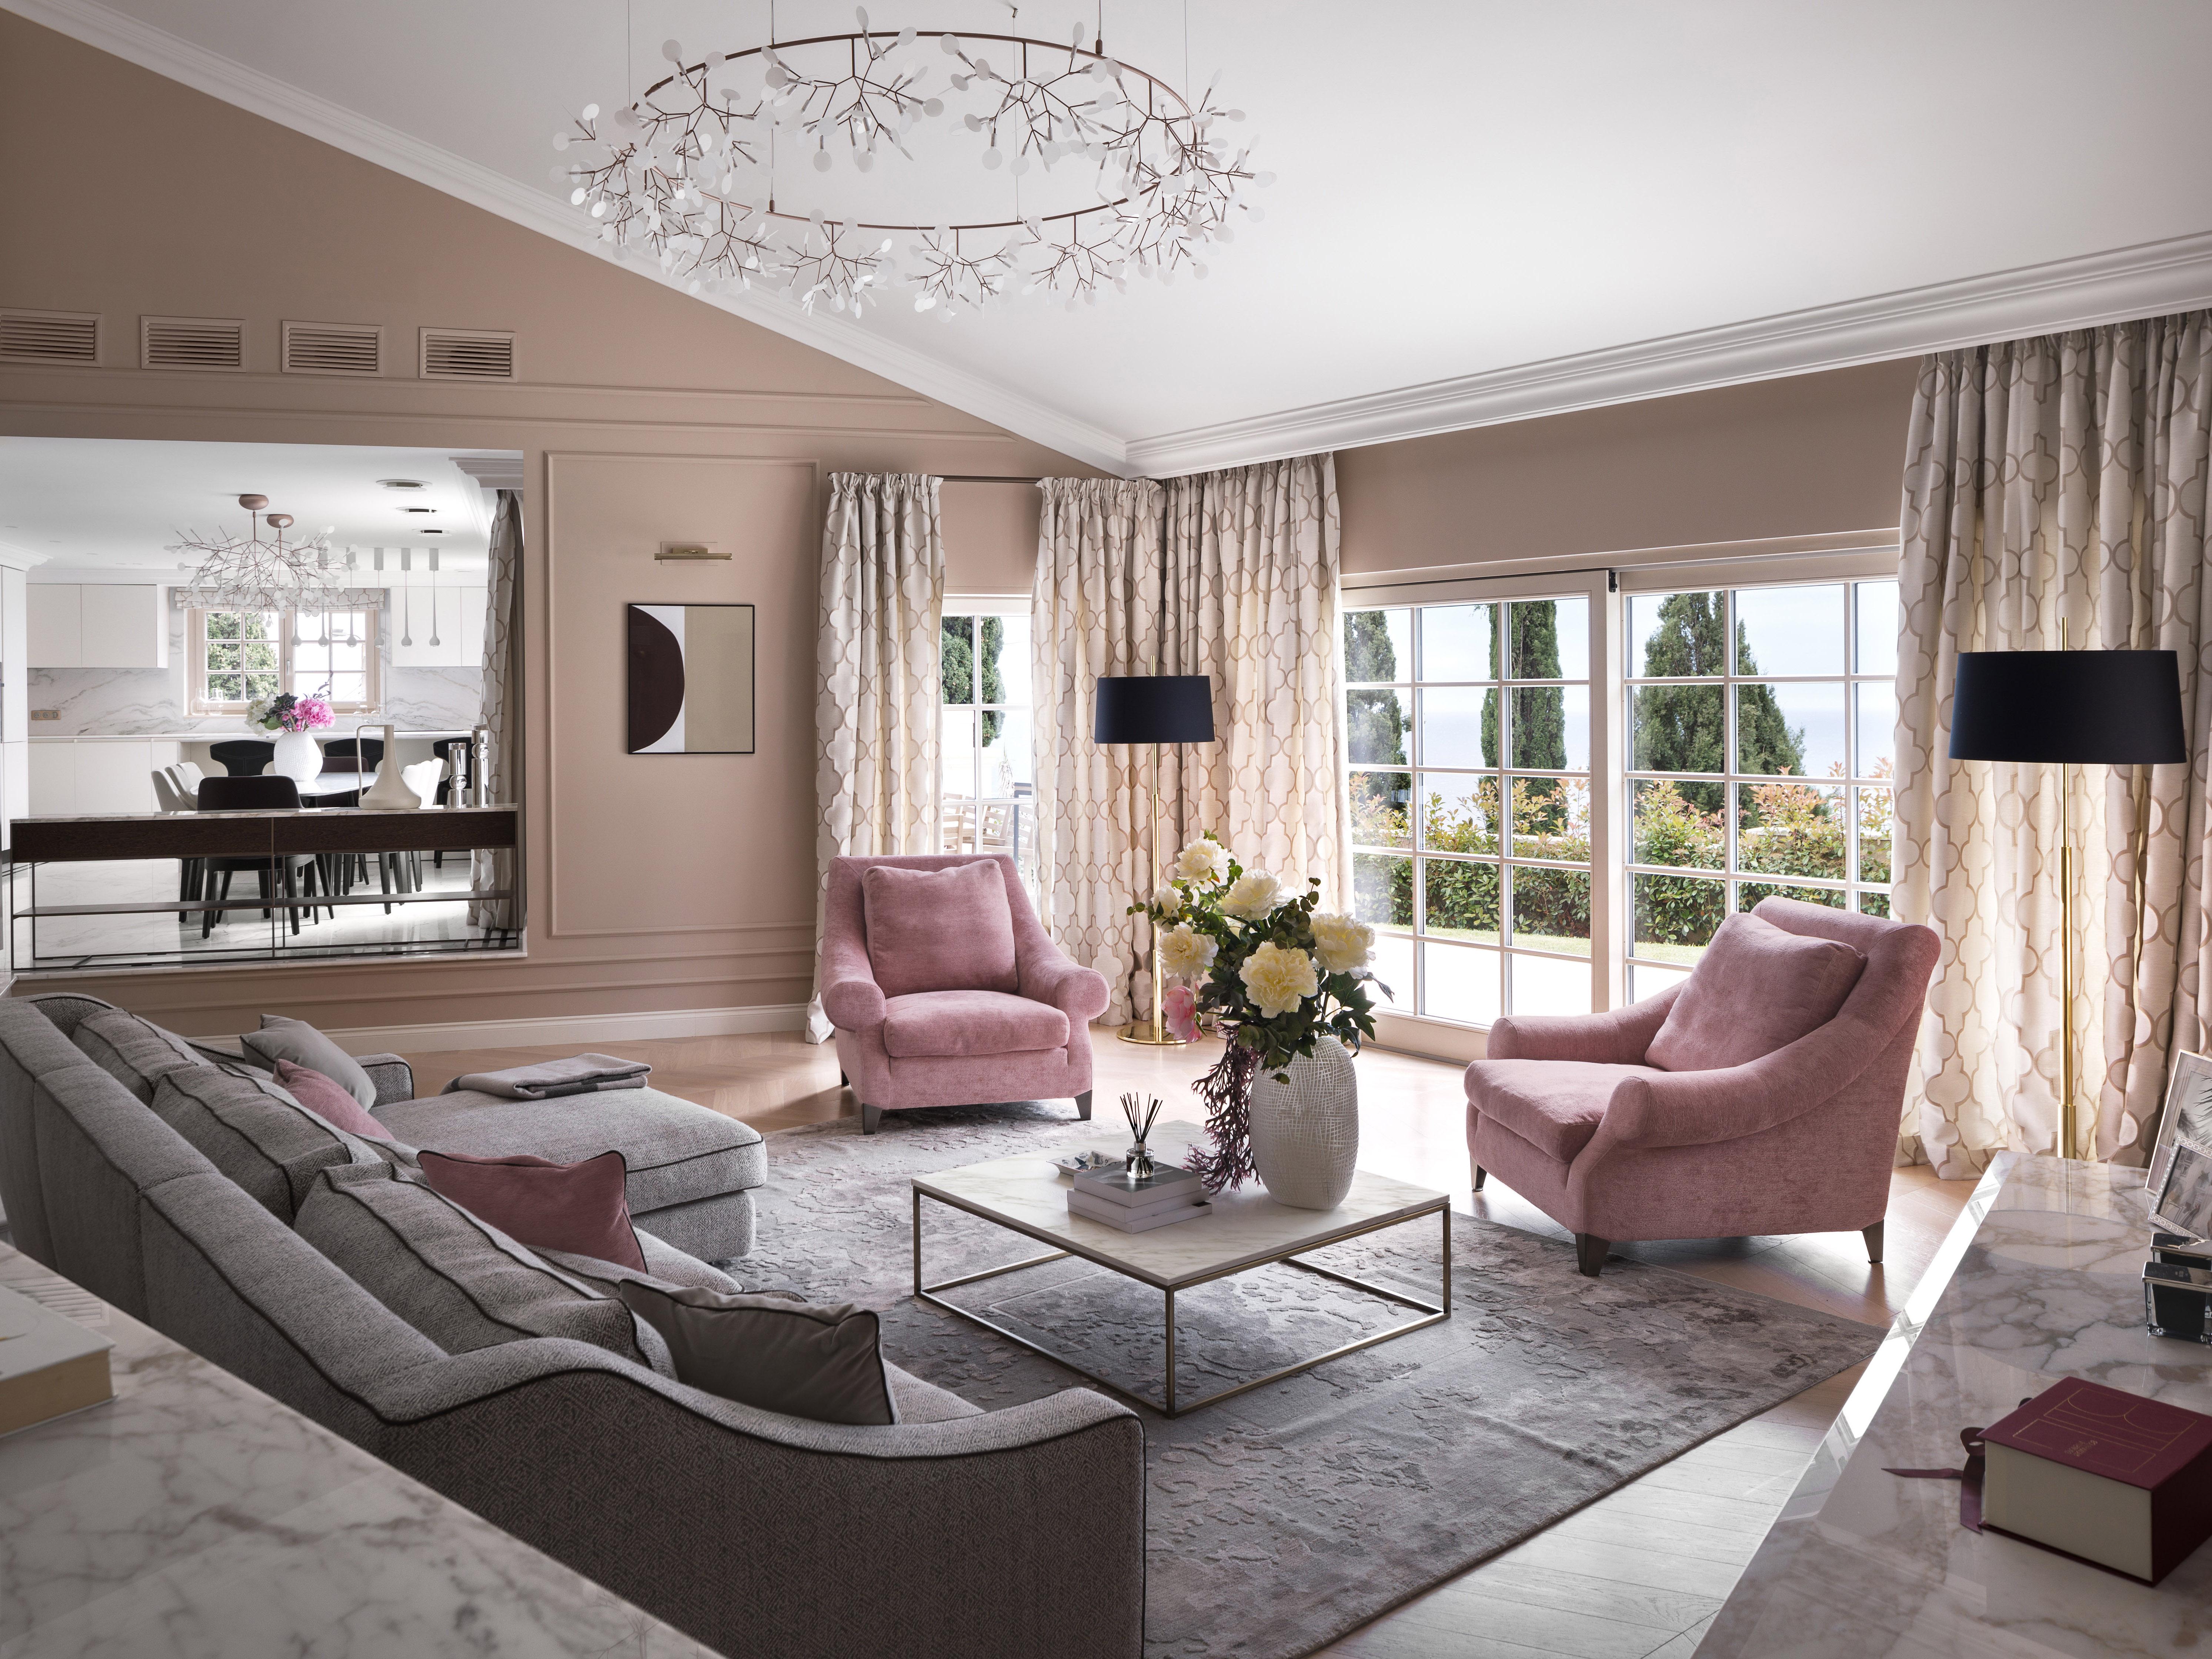 Private Residence at Roquebrune-Cap-Martin Interior Design